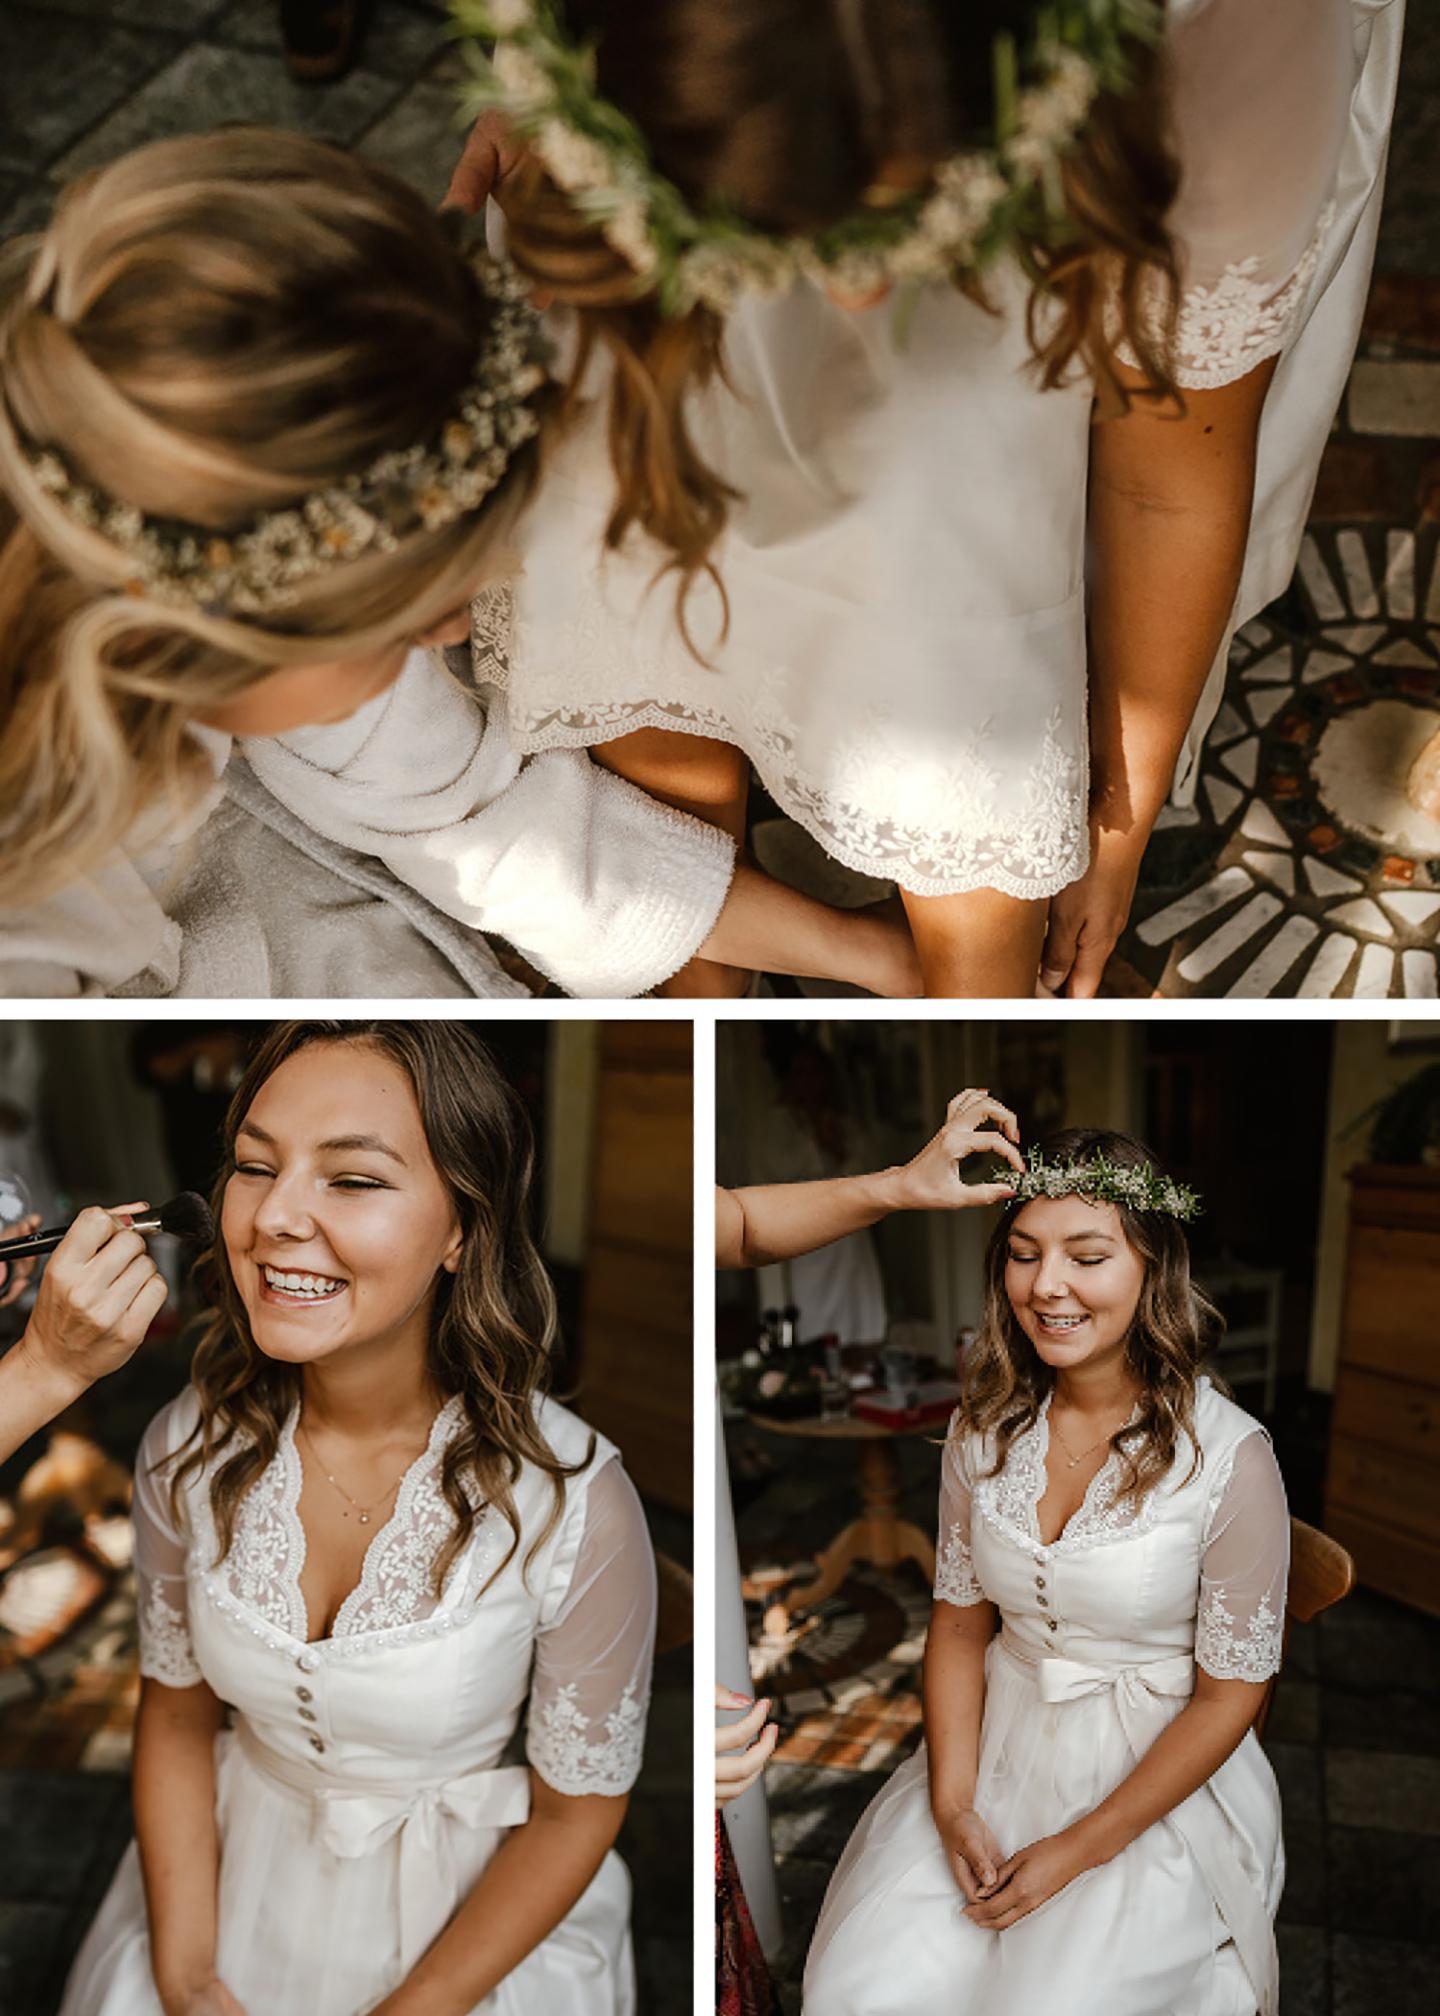 Die Braut wird geschminkt und erhält ein natürliches Makeup. Ein grüner Blumenkranz vollendet ihr Outfit.